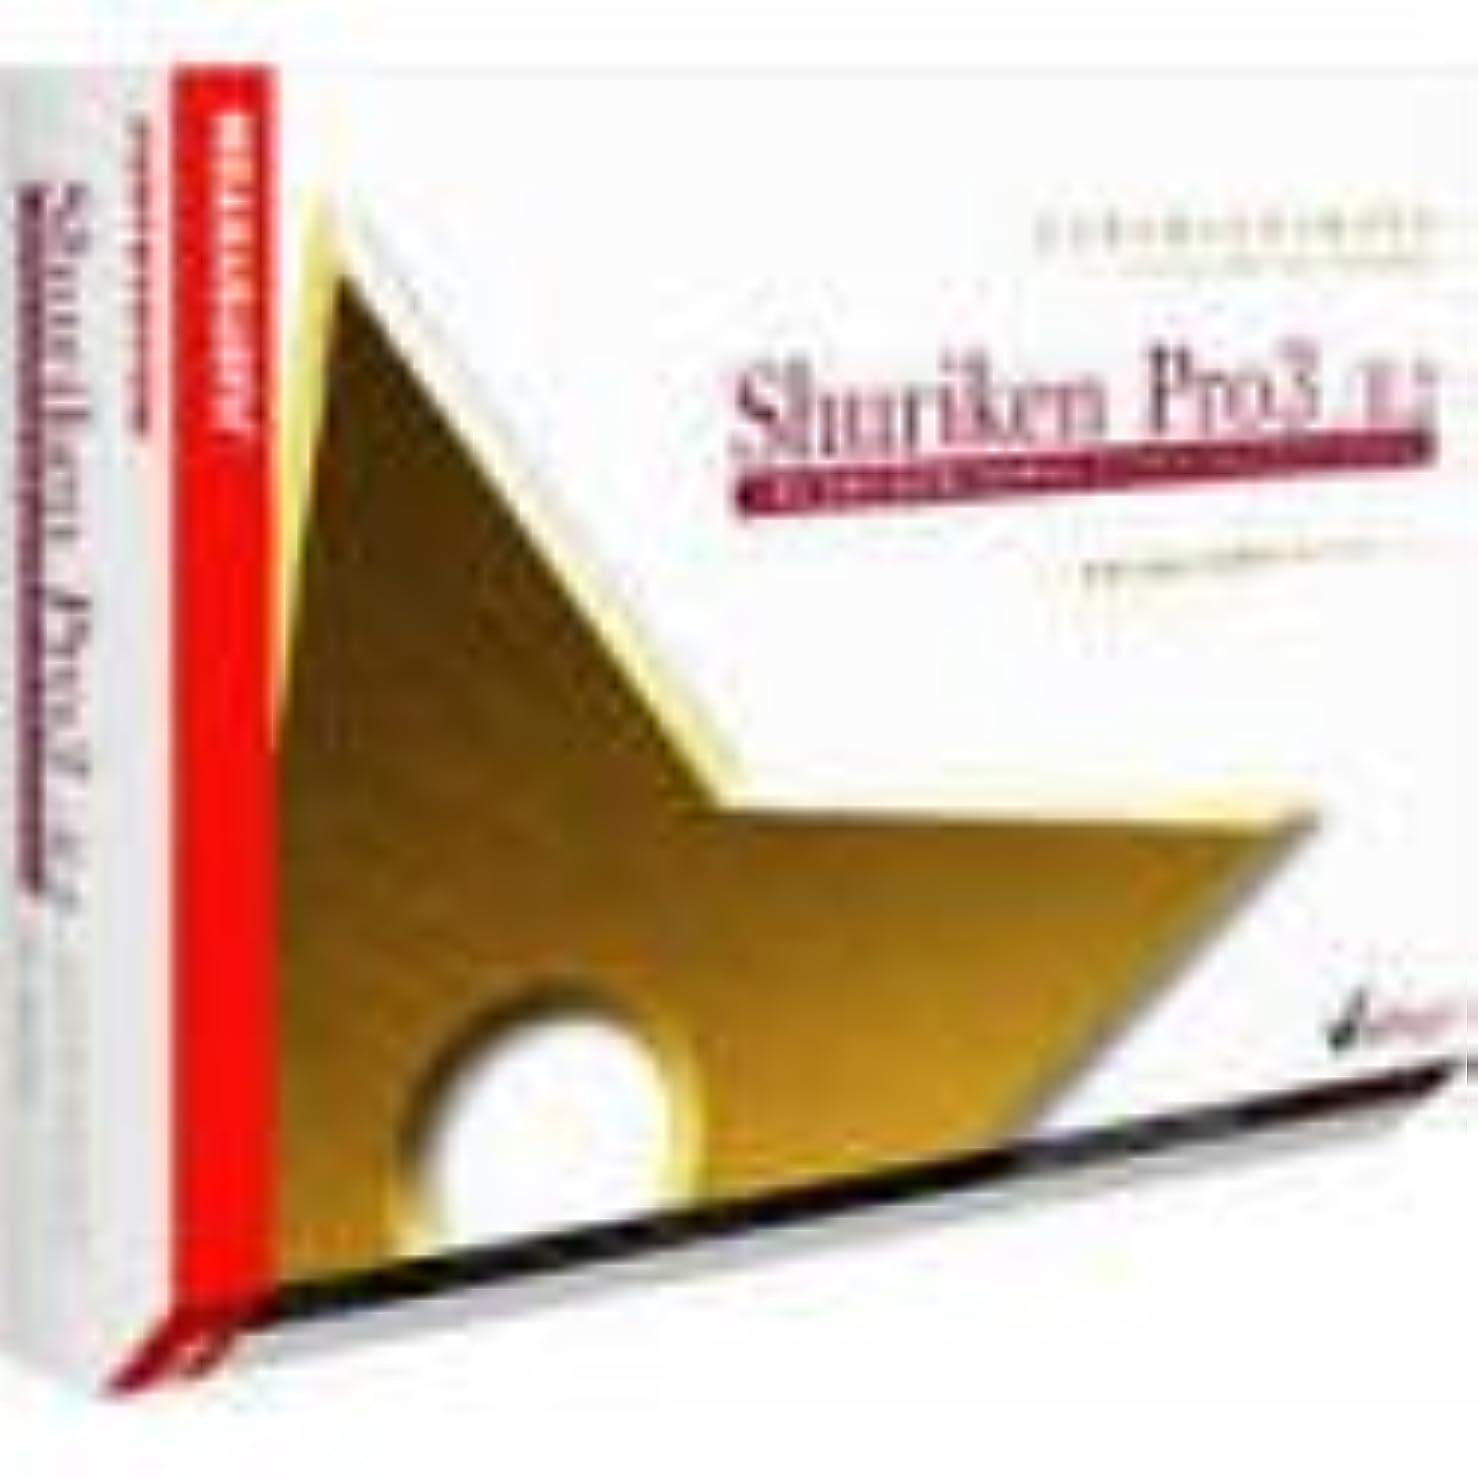 気絶させる強制検出するShuriken Pro 3/R.2 ベリサイン電子証明書セット